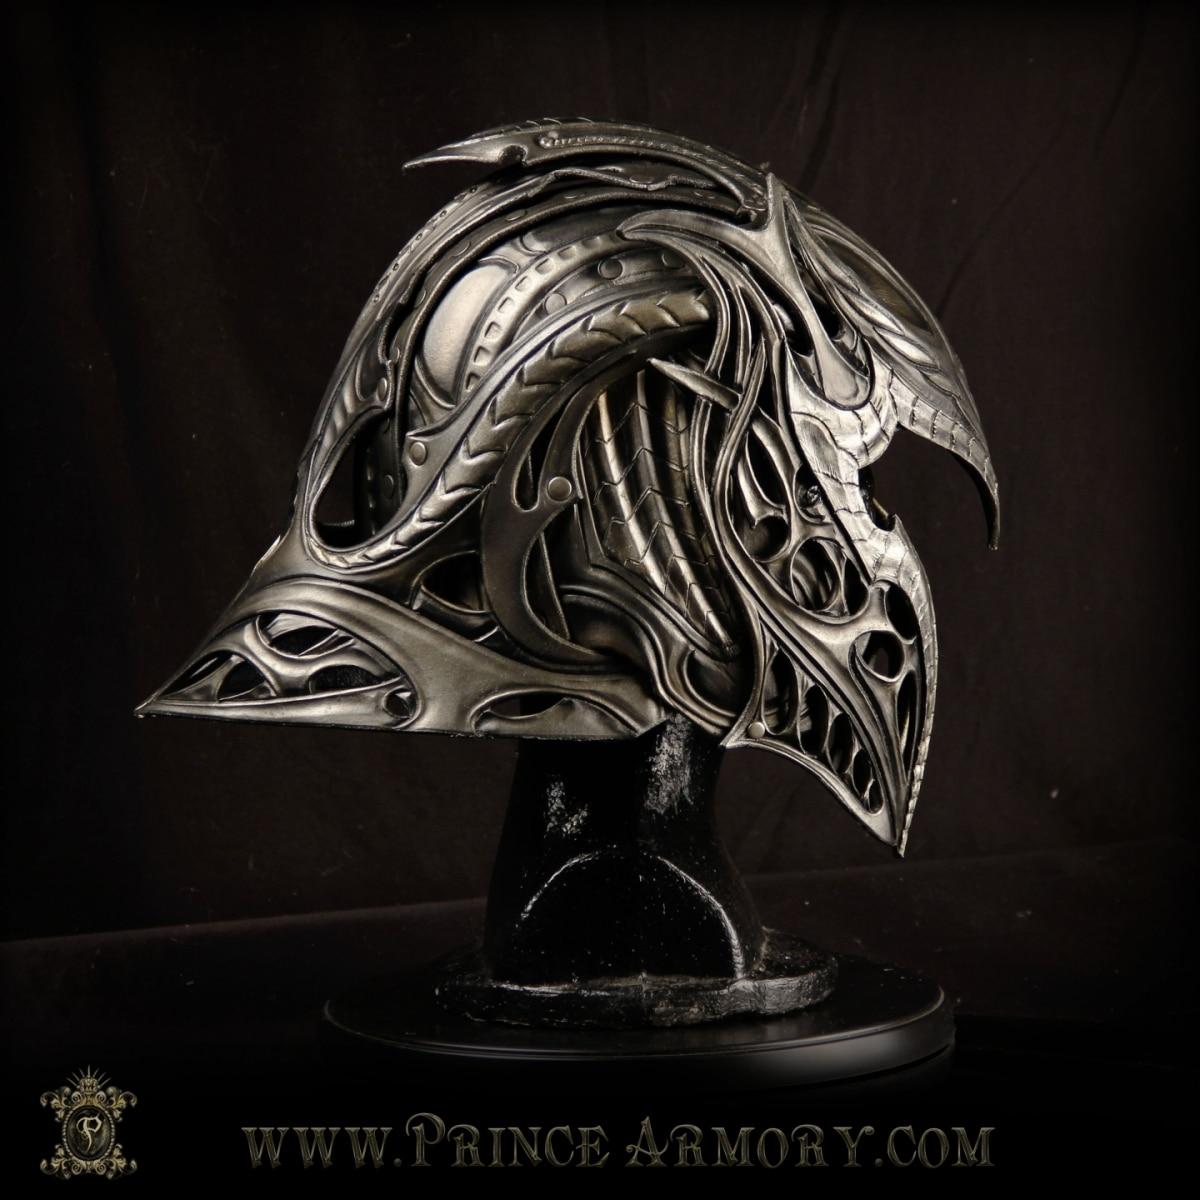 Medieval Jor-el Krypton Helmet